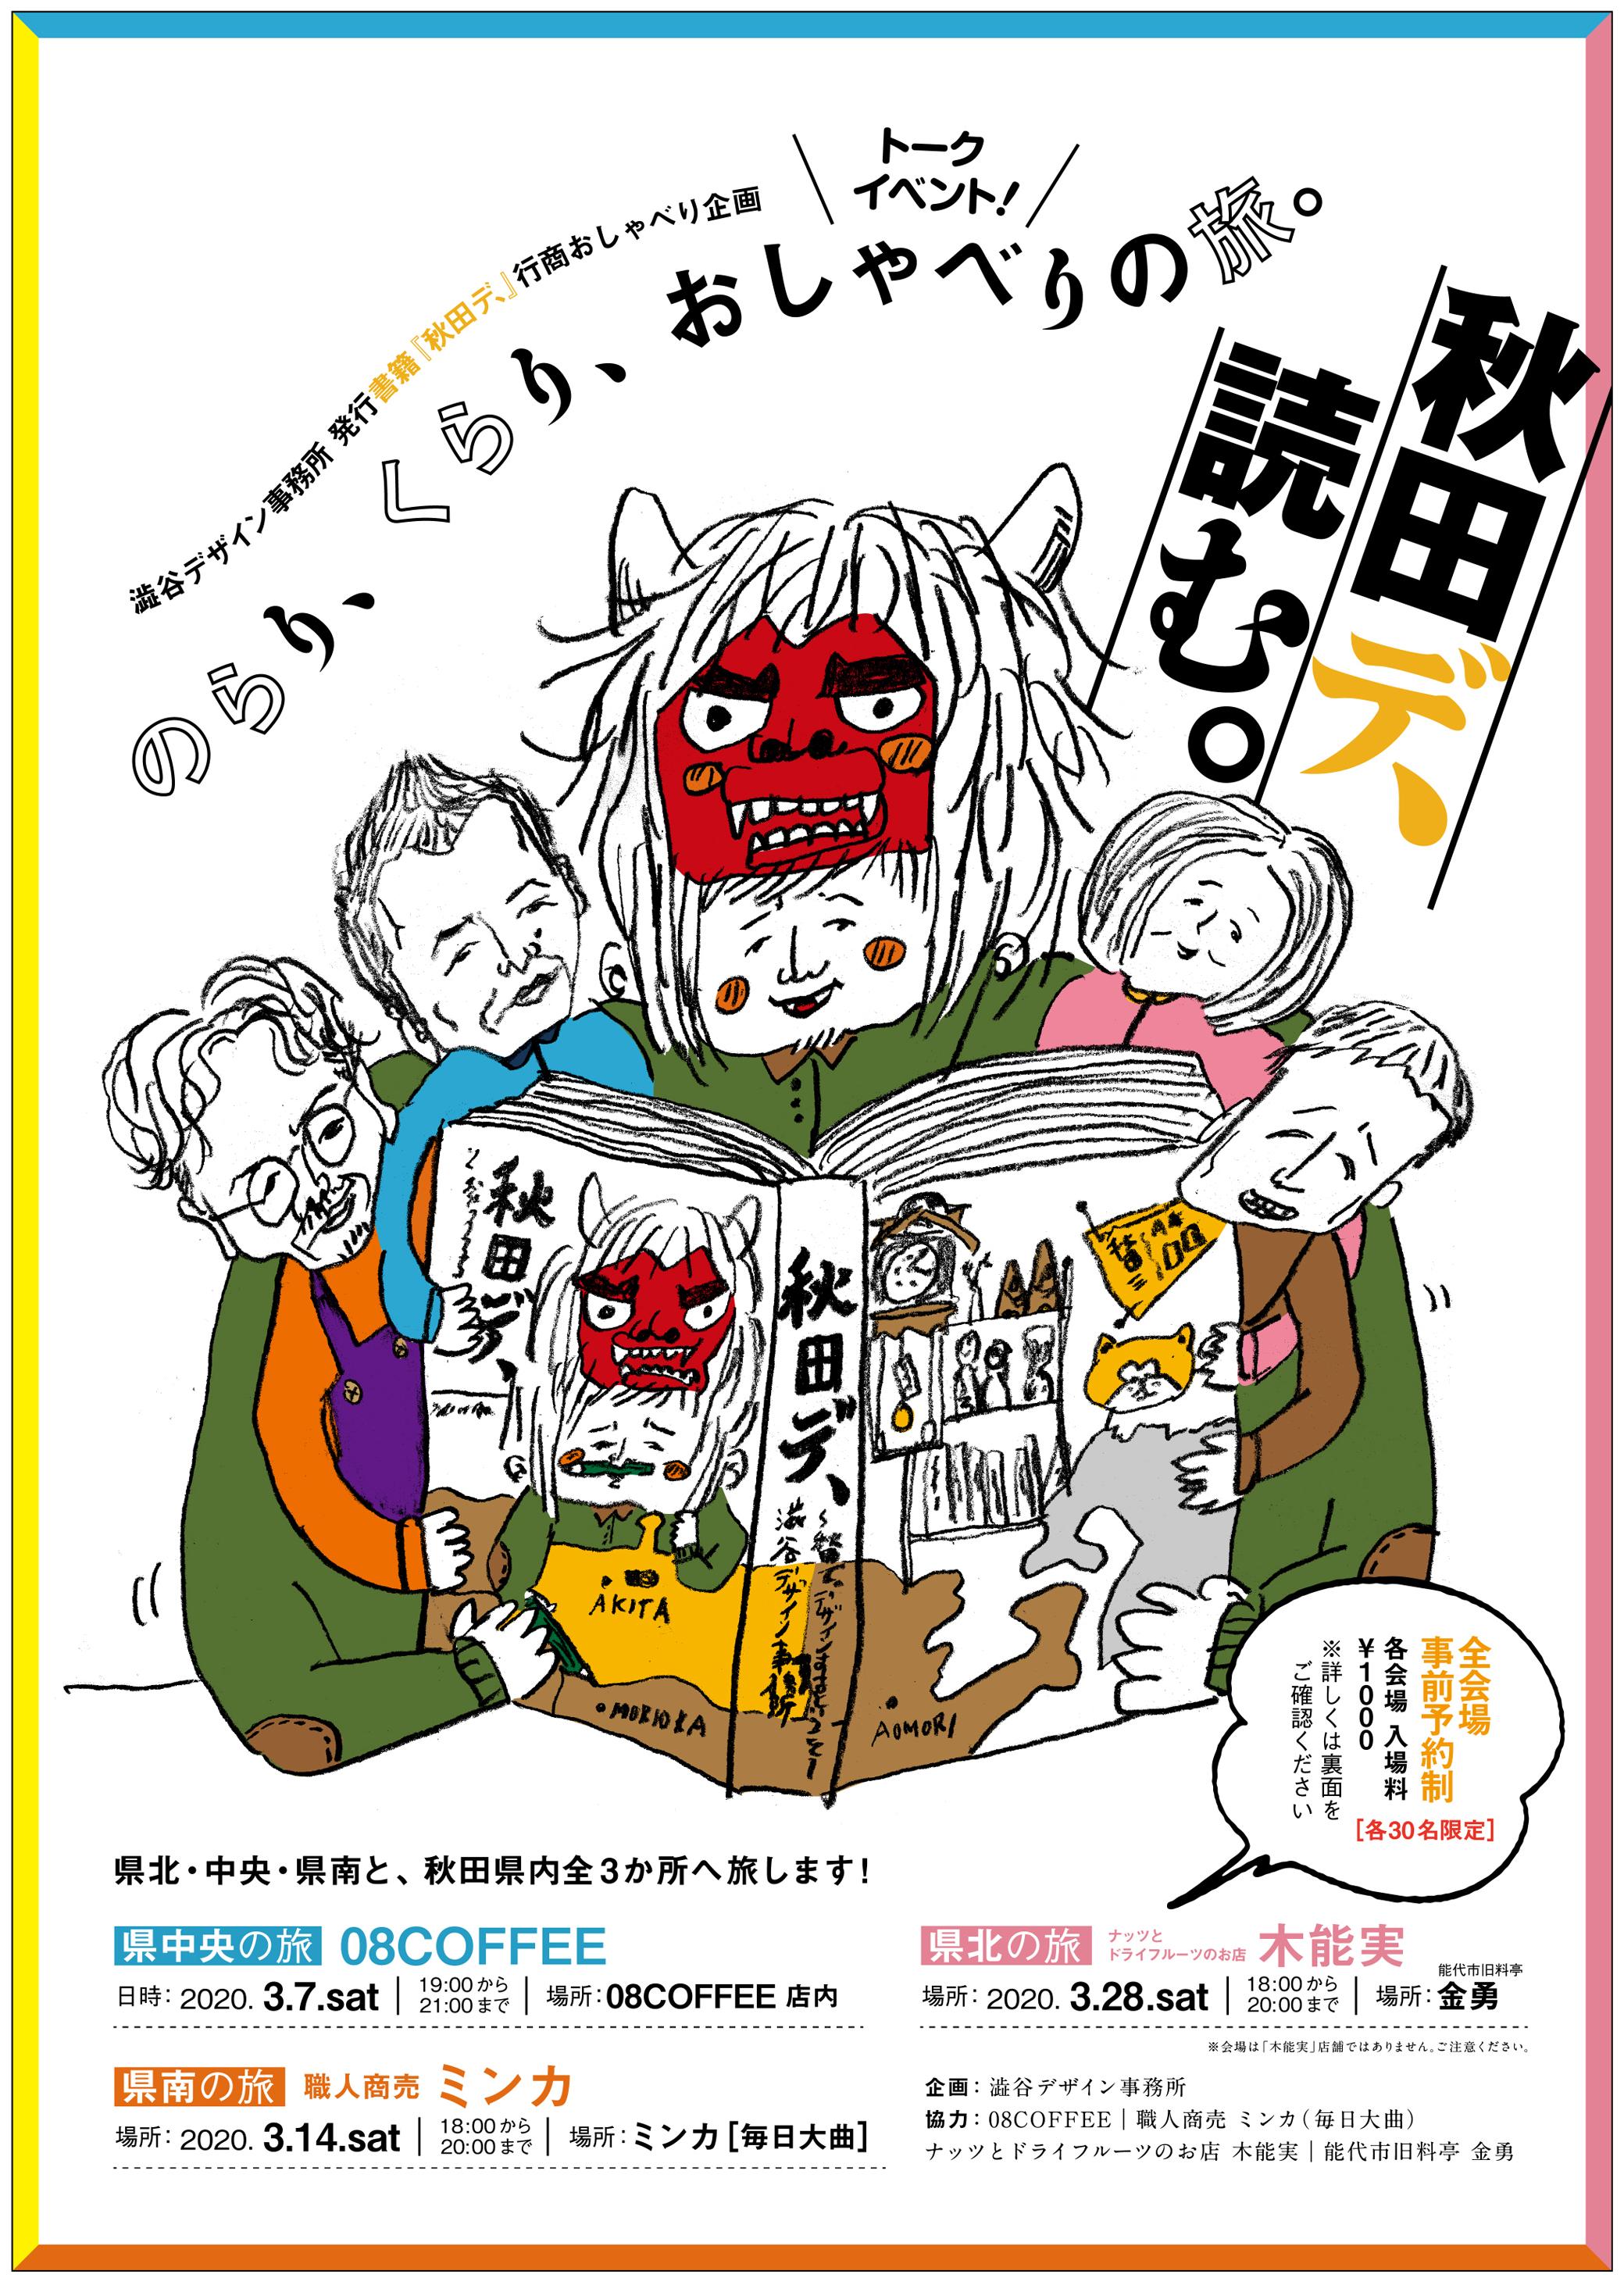 「秋田デ、読む」トークショーとおばあちゃんの干し柿